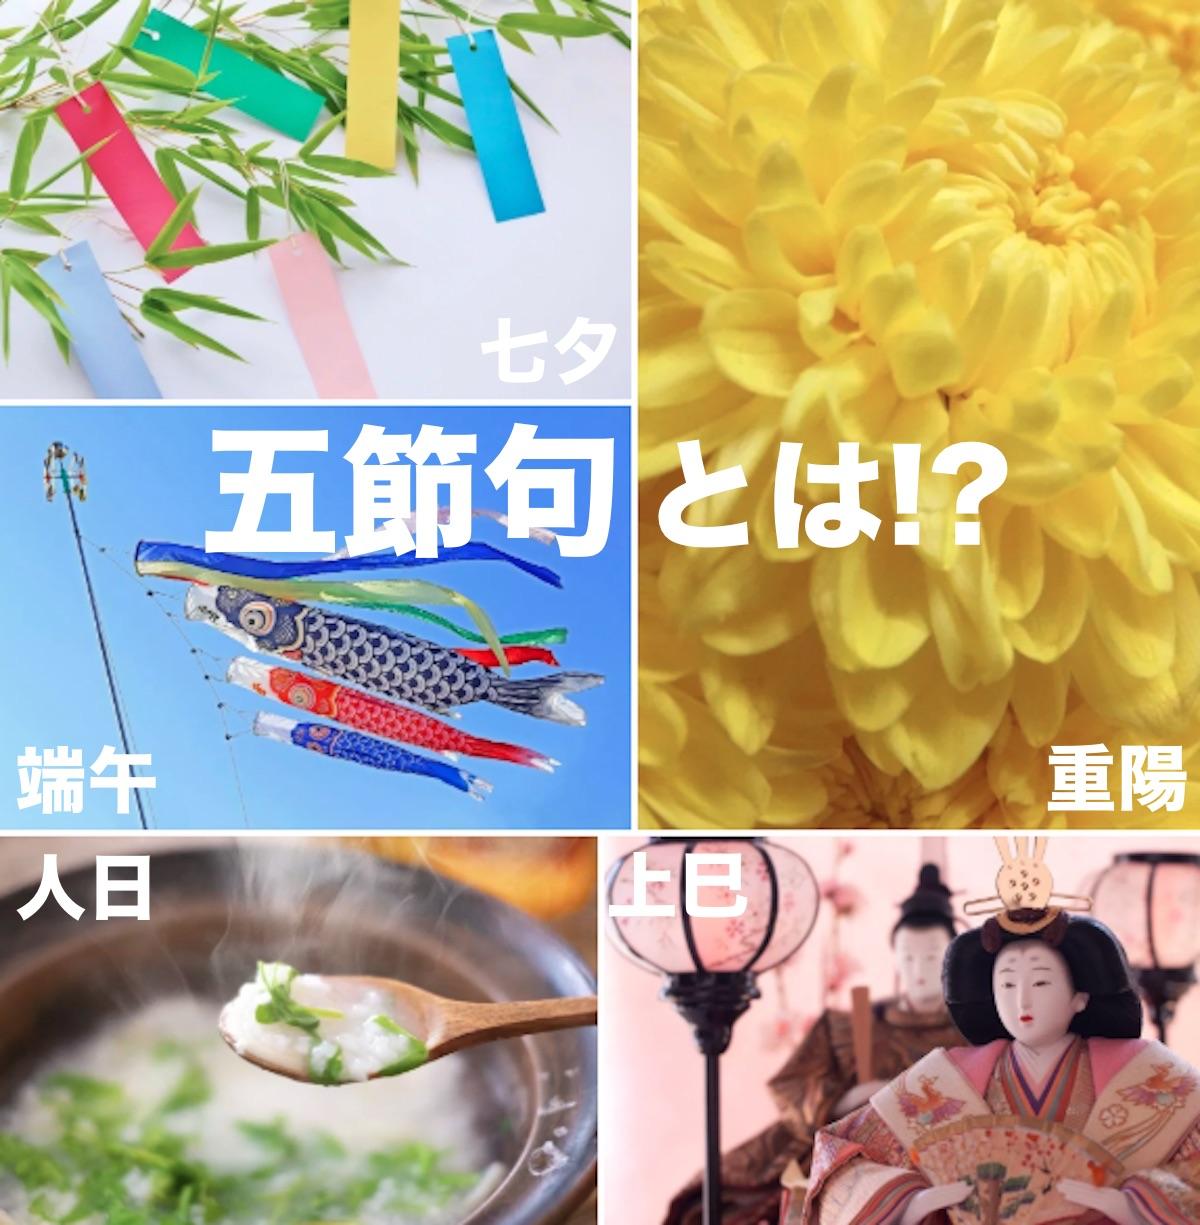 節句 意味 の 端午 古代中国に由来する「端午の節句」の意味は現代日本ではどう変わった?